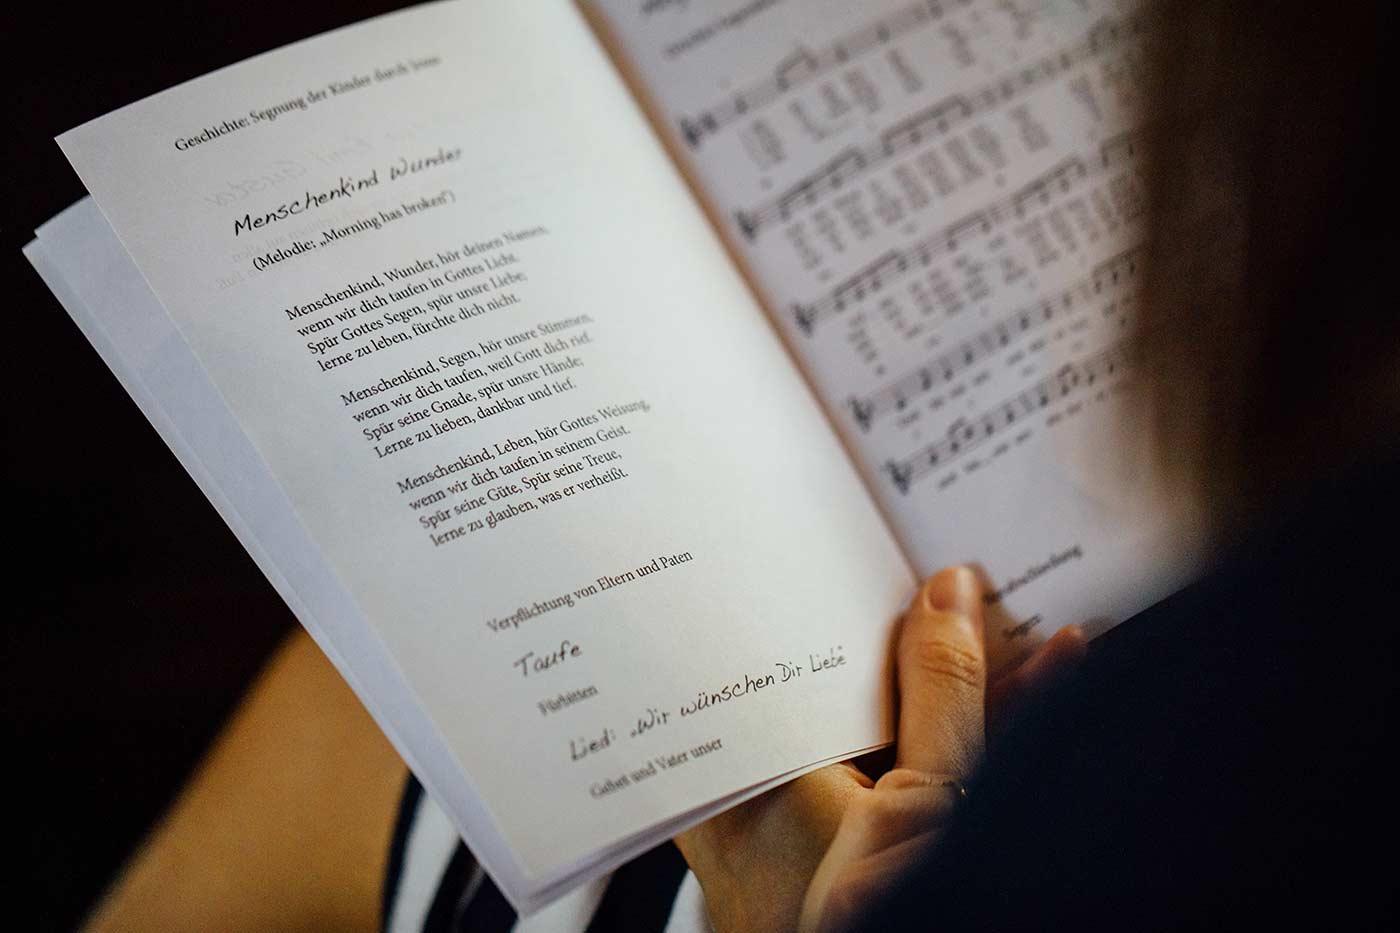 Kirchenlieder zur Hochzeit: Die Top 10 Lieder zum Mitsingen